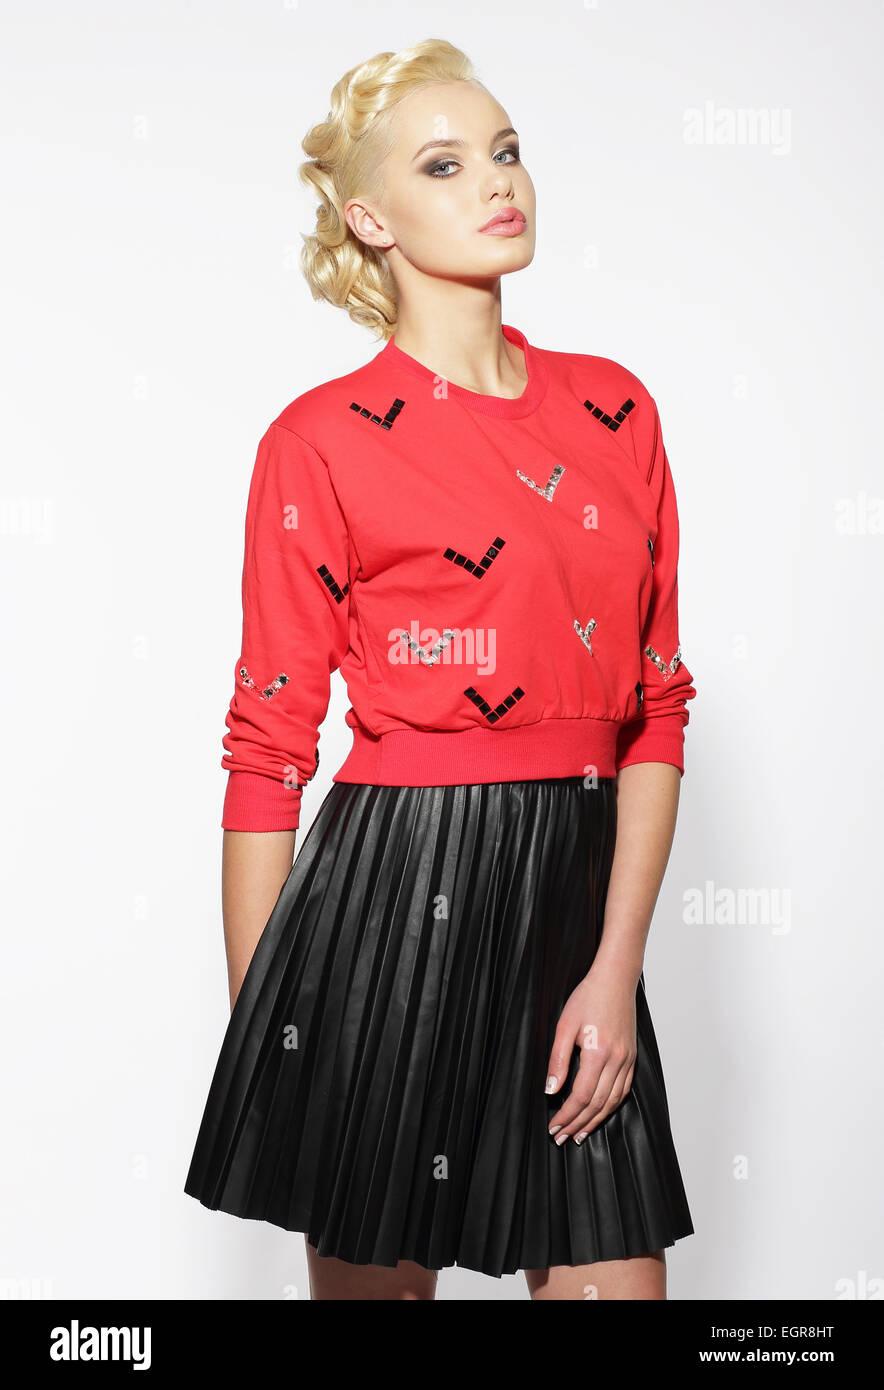 Trendige Blond in rote Bluse und schwarzem Rock Stockbild